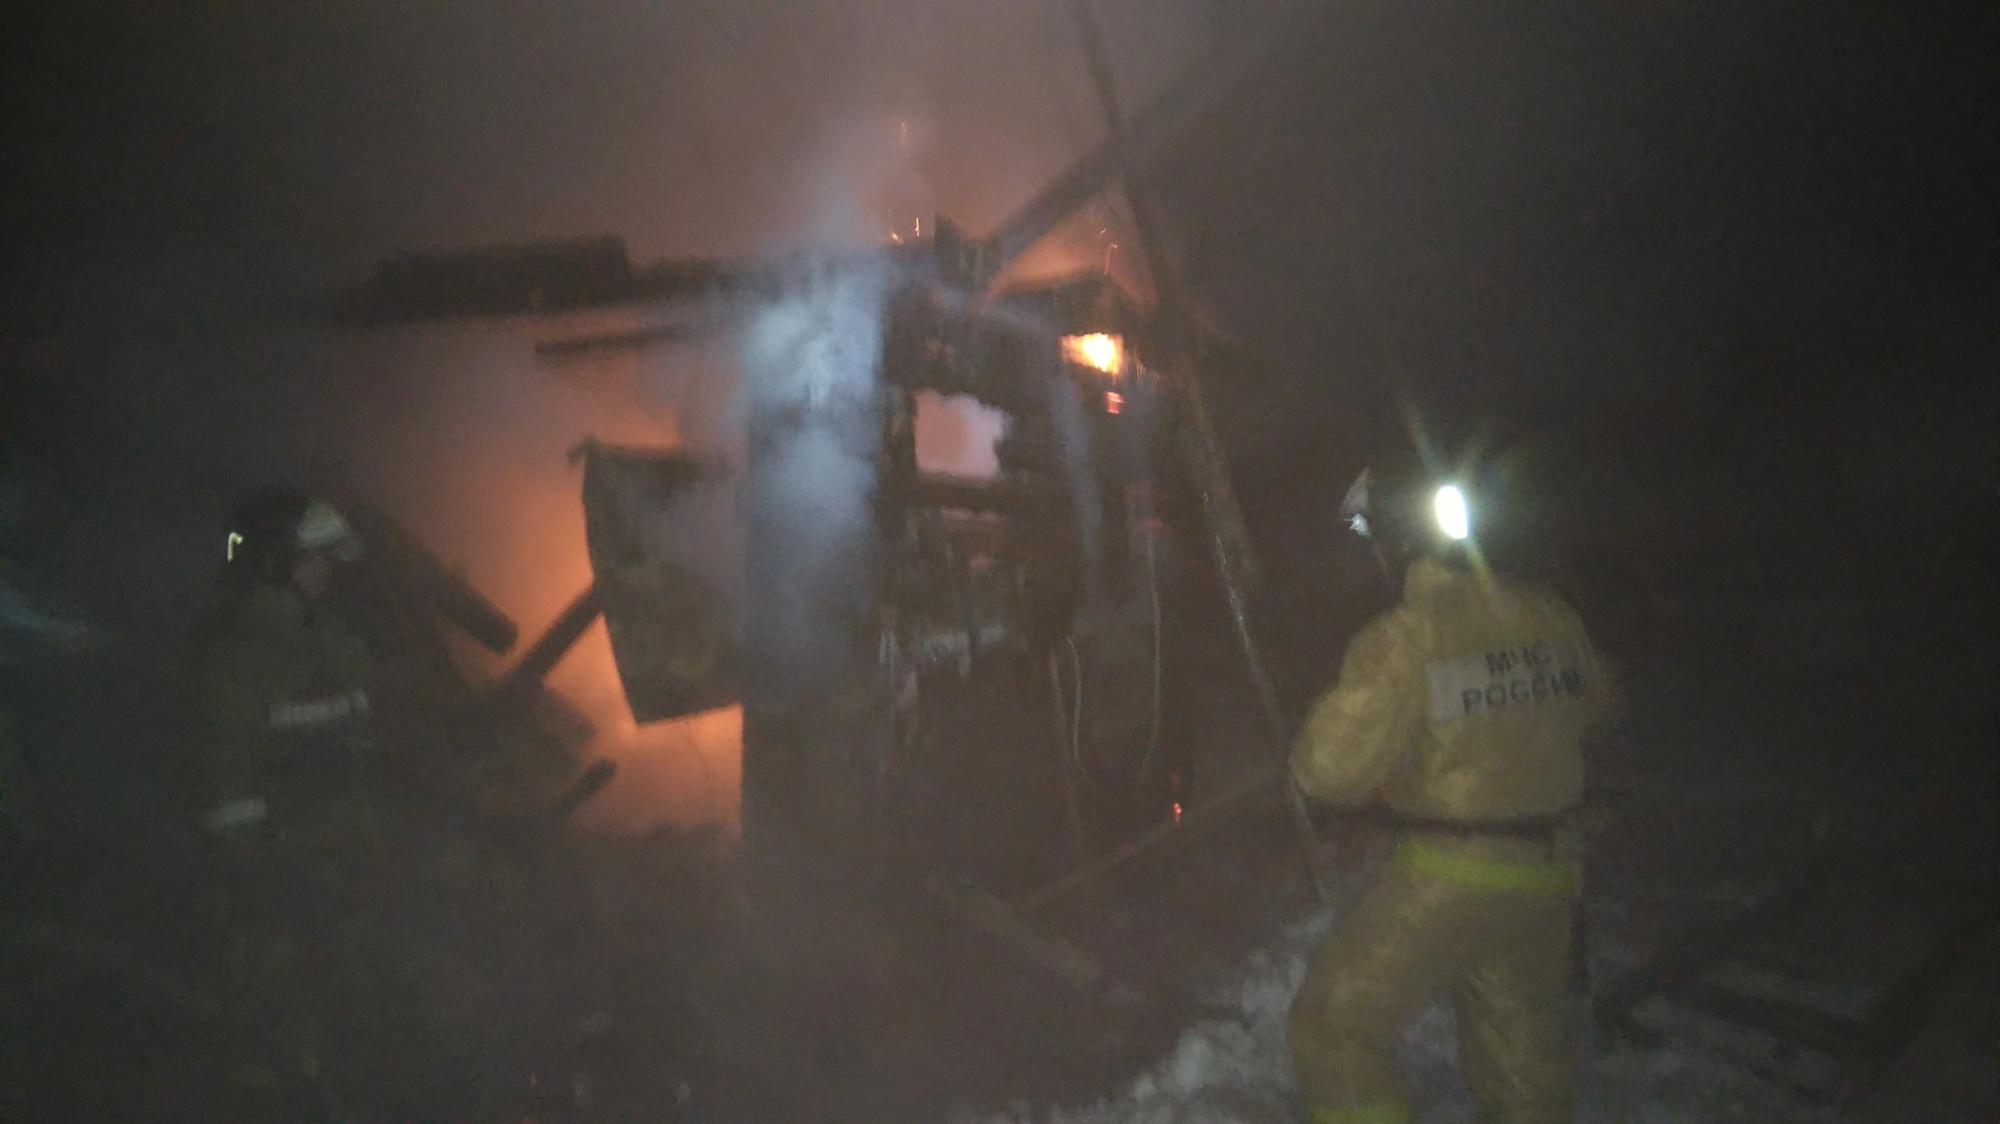 Пожарно-спасательные подразделения привлекались для ликвидации пожара в Калевальском районе.